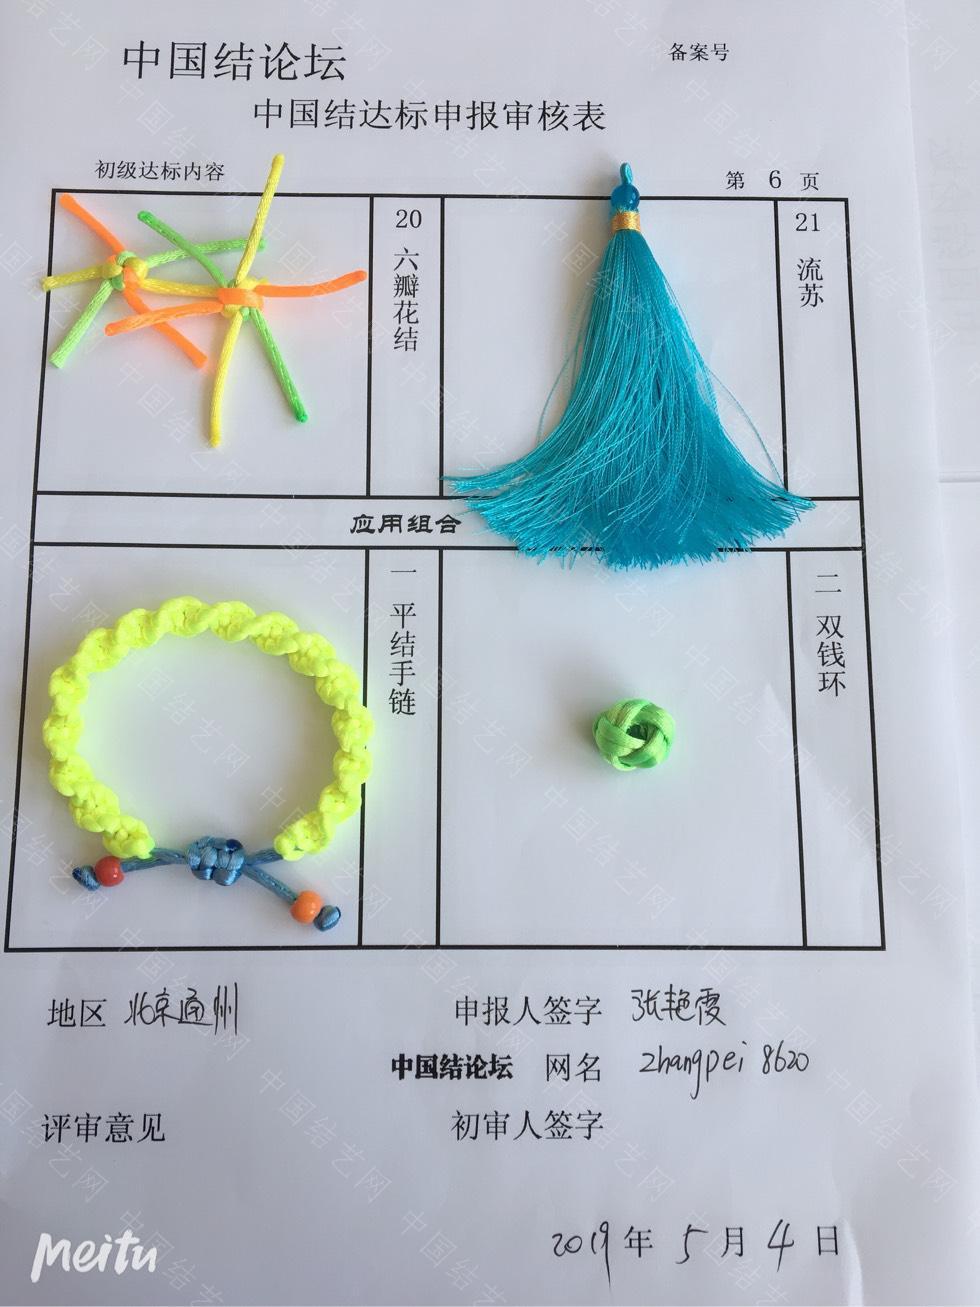 中国结论坛 zhangpei8620-初级考核申请稿件  中国绳结艺术分级达标审核 162435ippzpxq7pg4gpugn